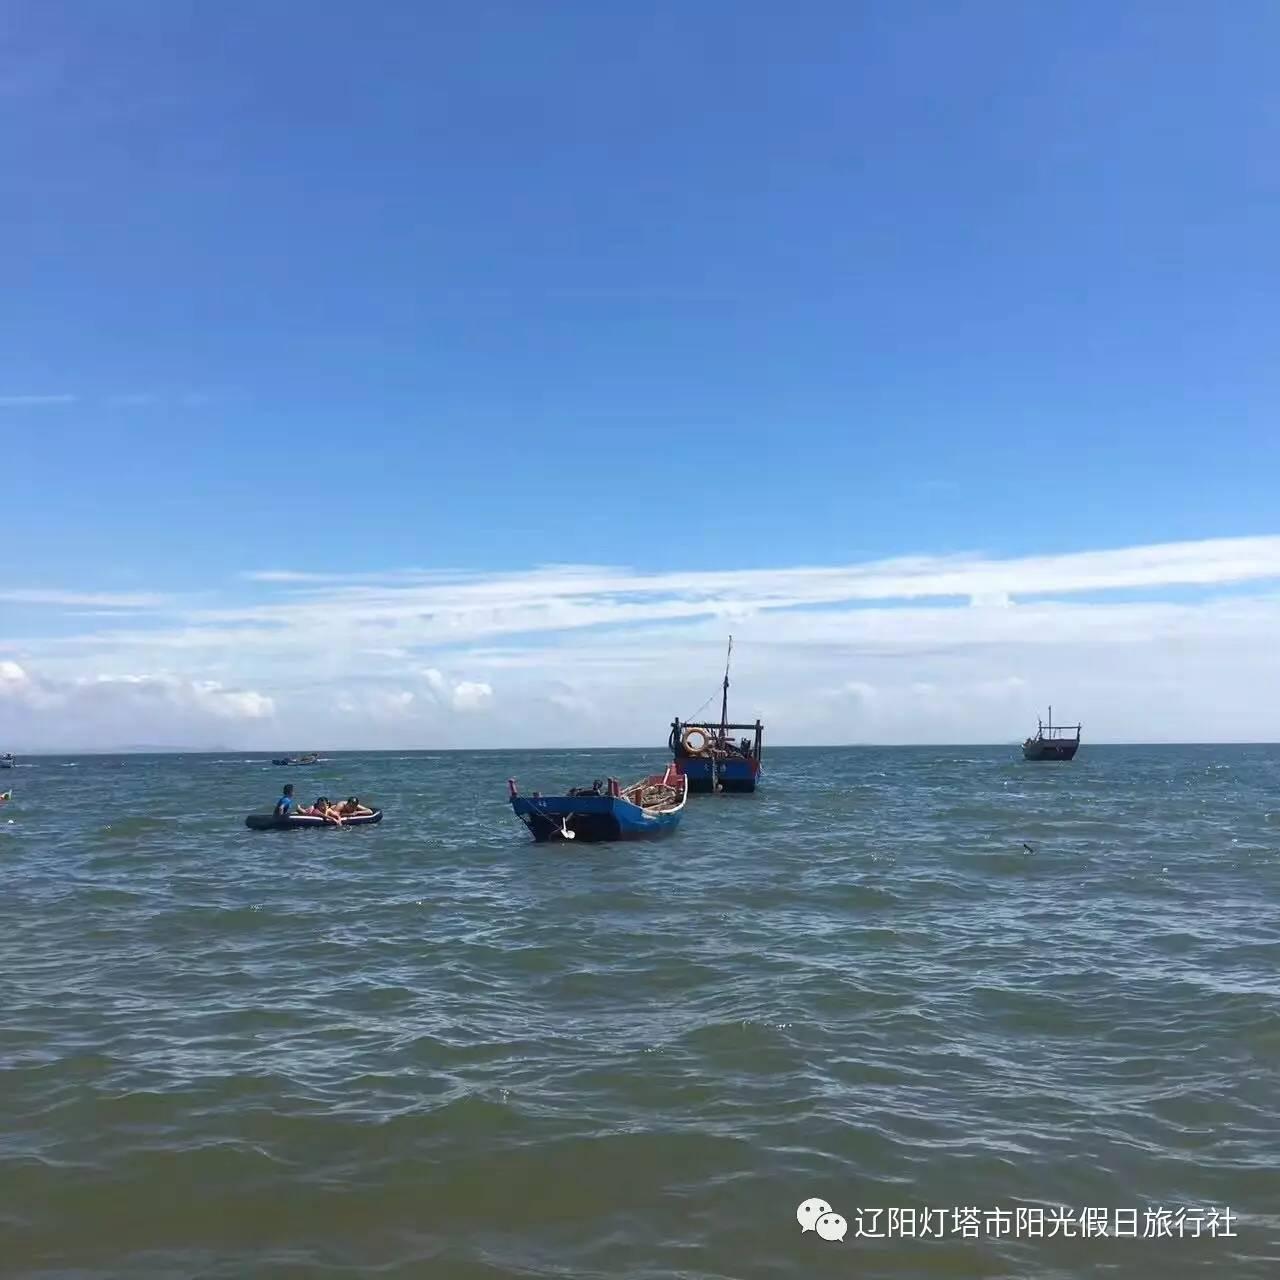 大连西中岛 凤鸣岛 两日游290元/人 8月10日发团 海边